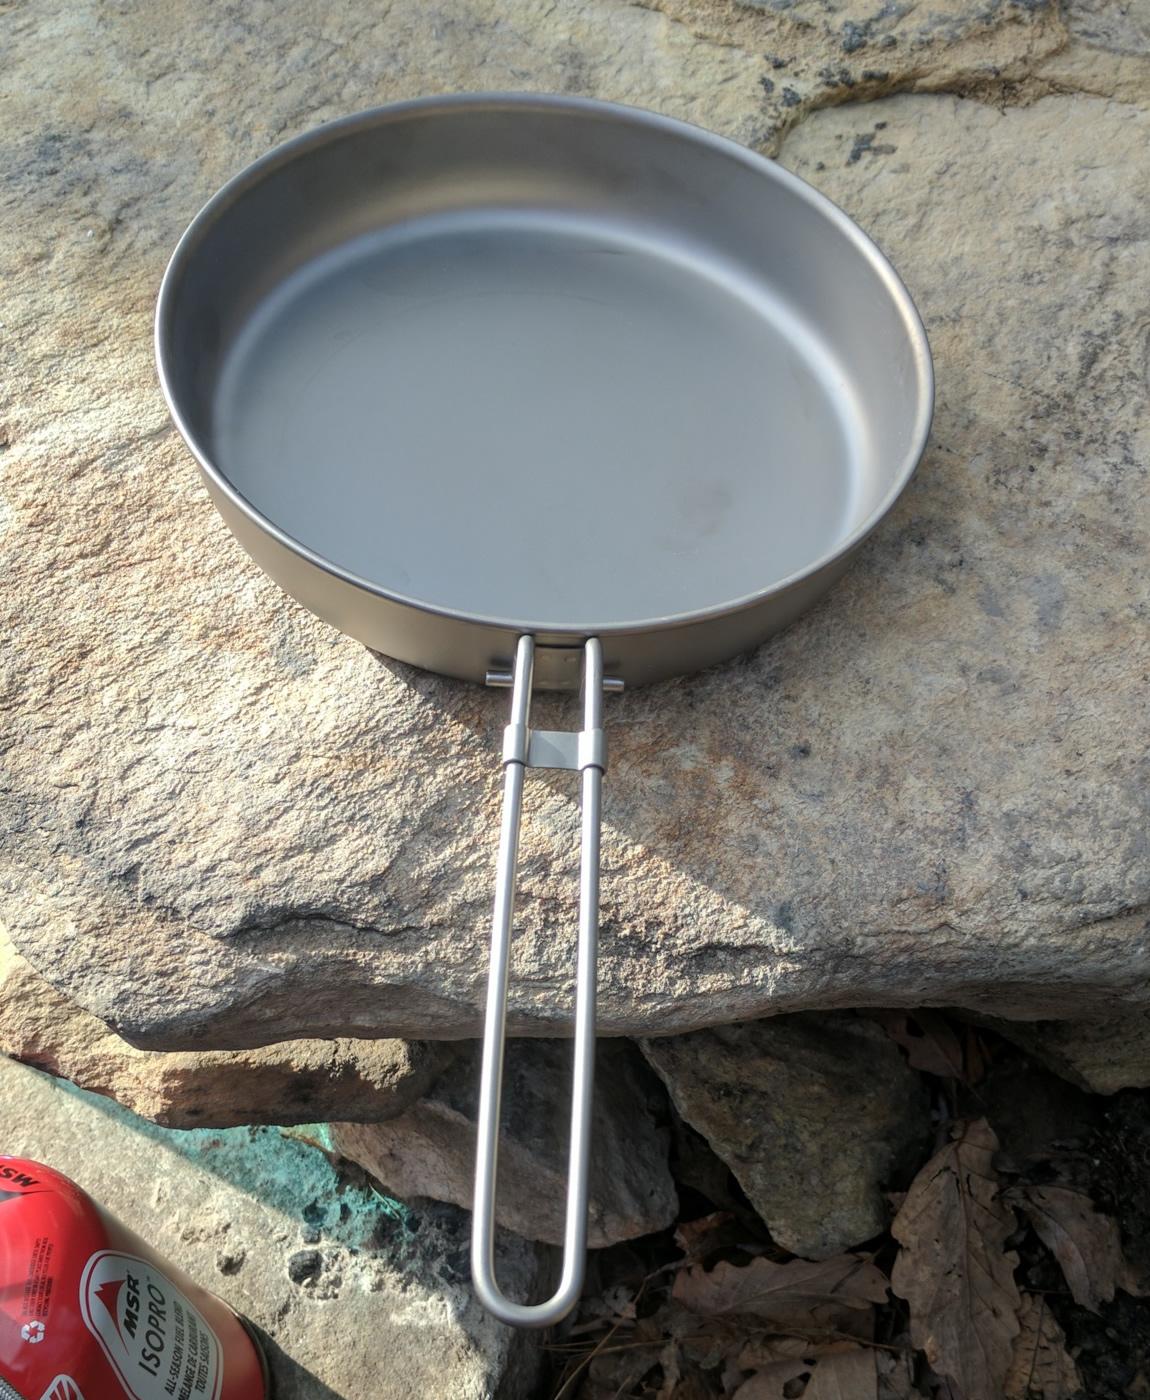 Keith Titanium Frying Pan